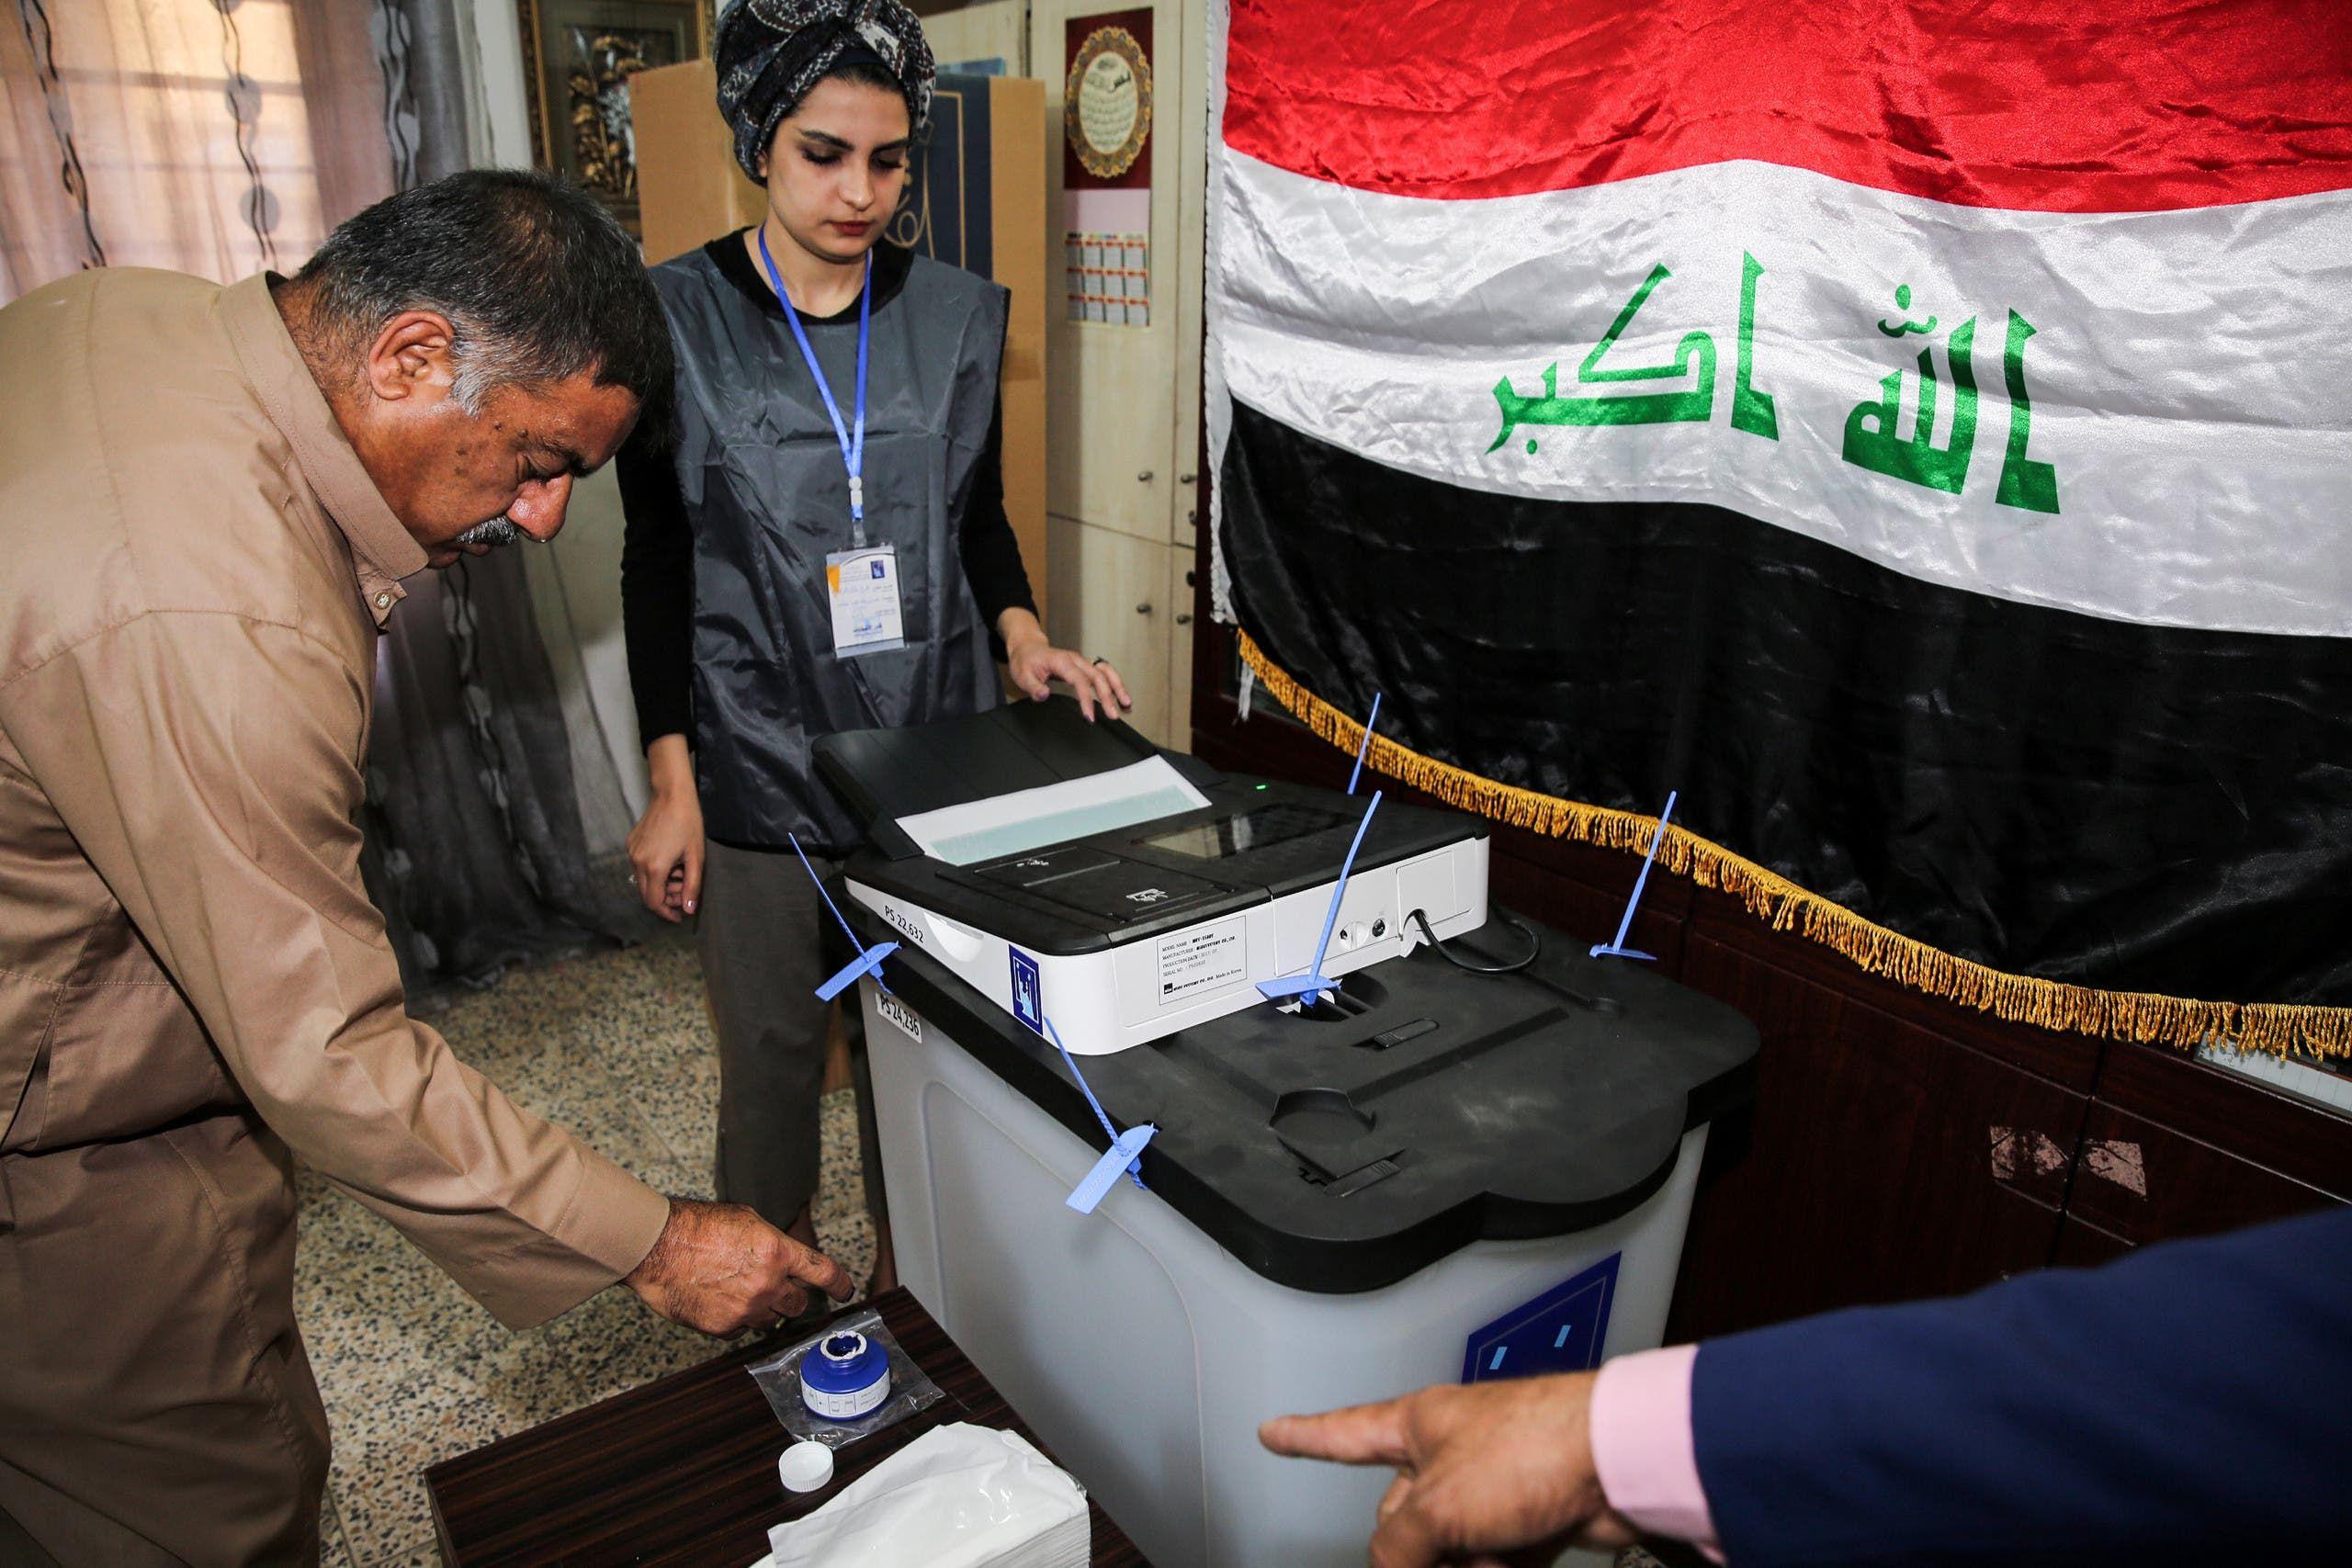 من الانتخابات النيابية السابقة في العراق في مايو/أيار 2018